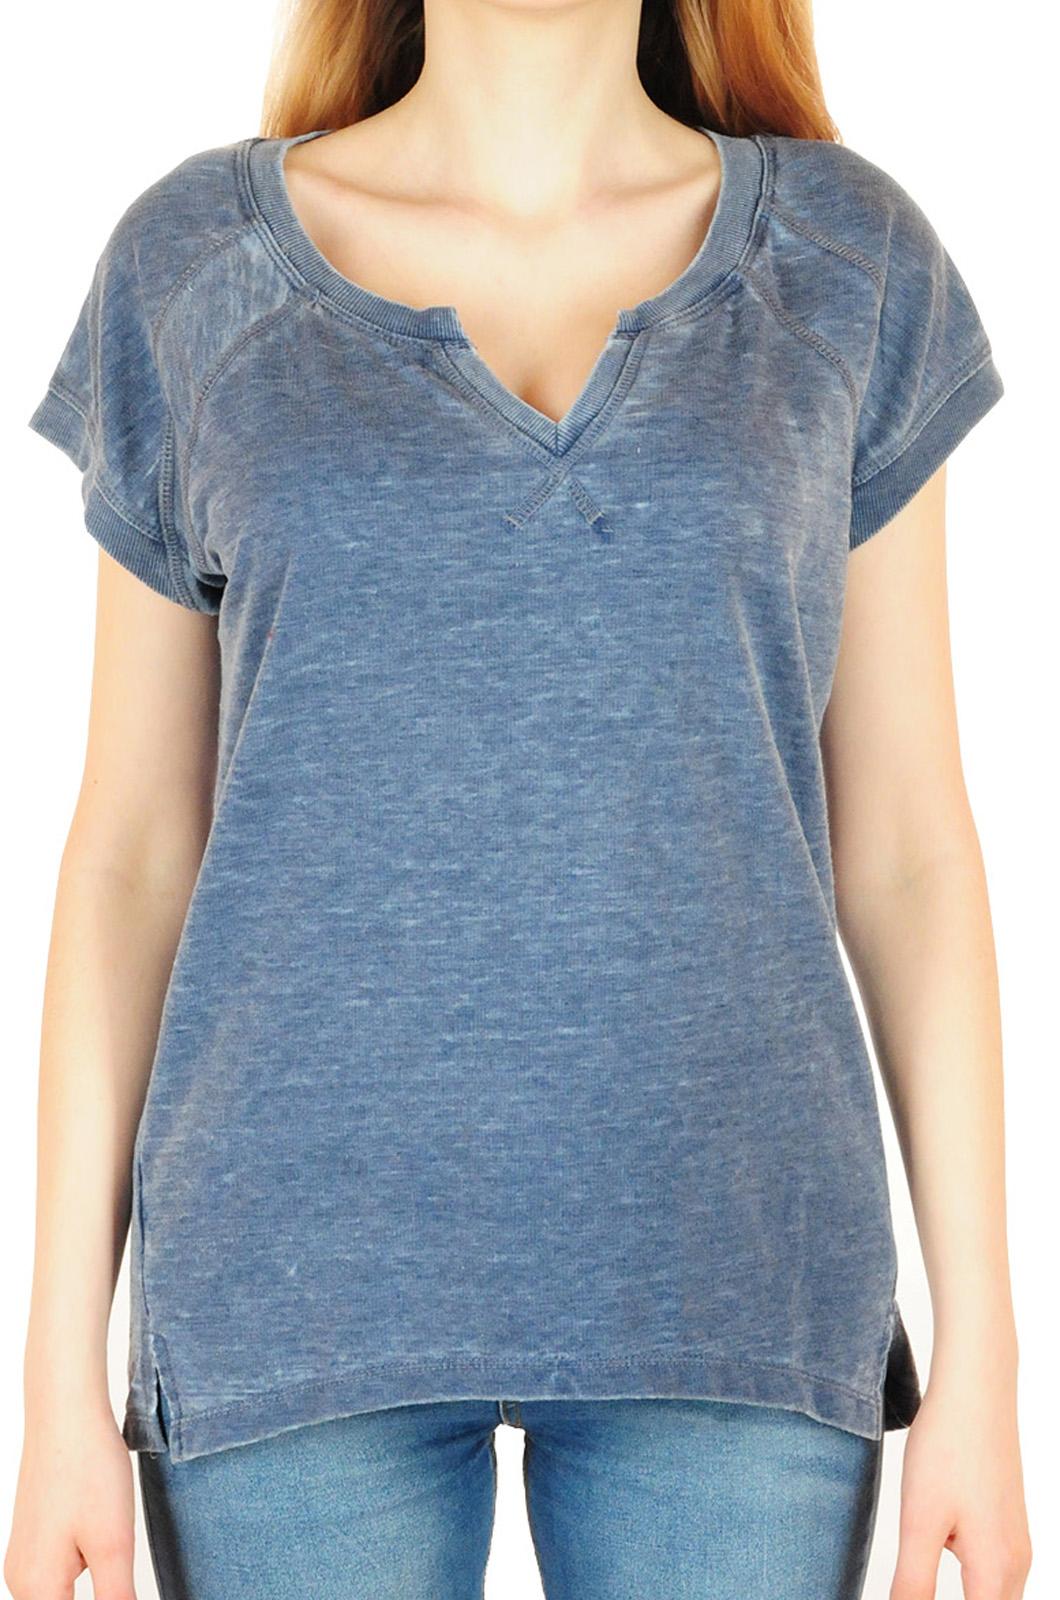 Женская футболка TE VERDE в стиле инди-рок. Модный оттенок «милори»